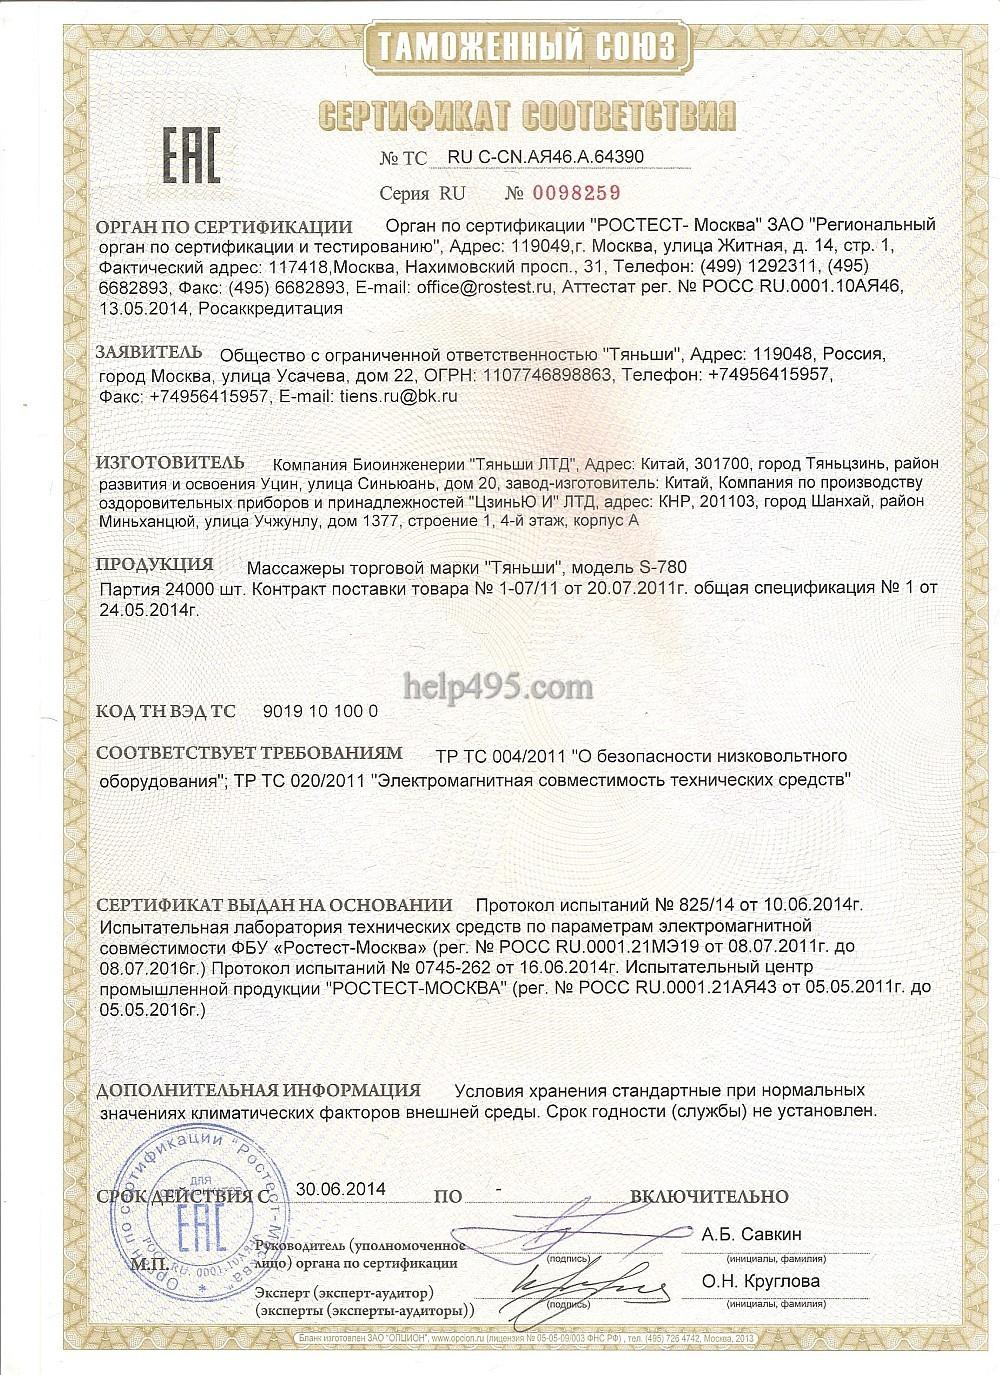 Сертификат прибора Тяньши СЦЭК